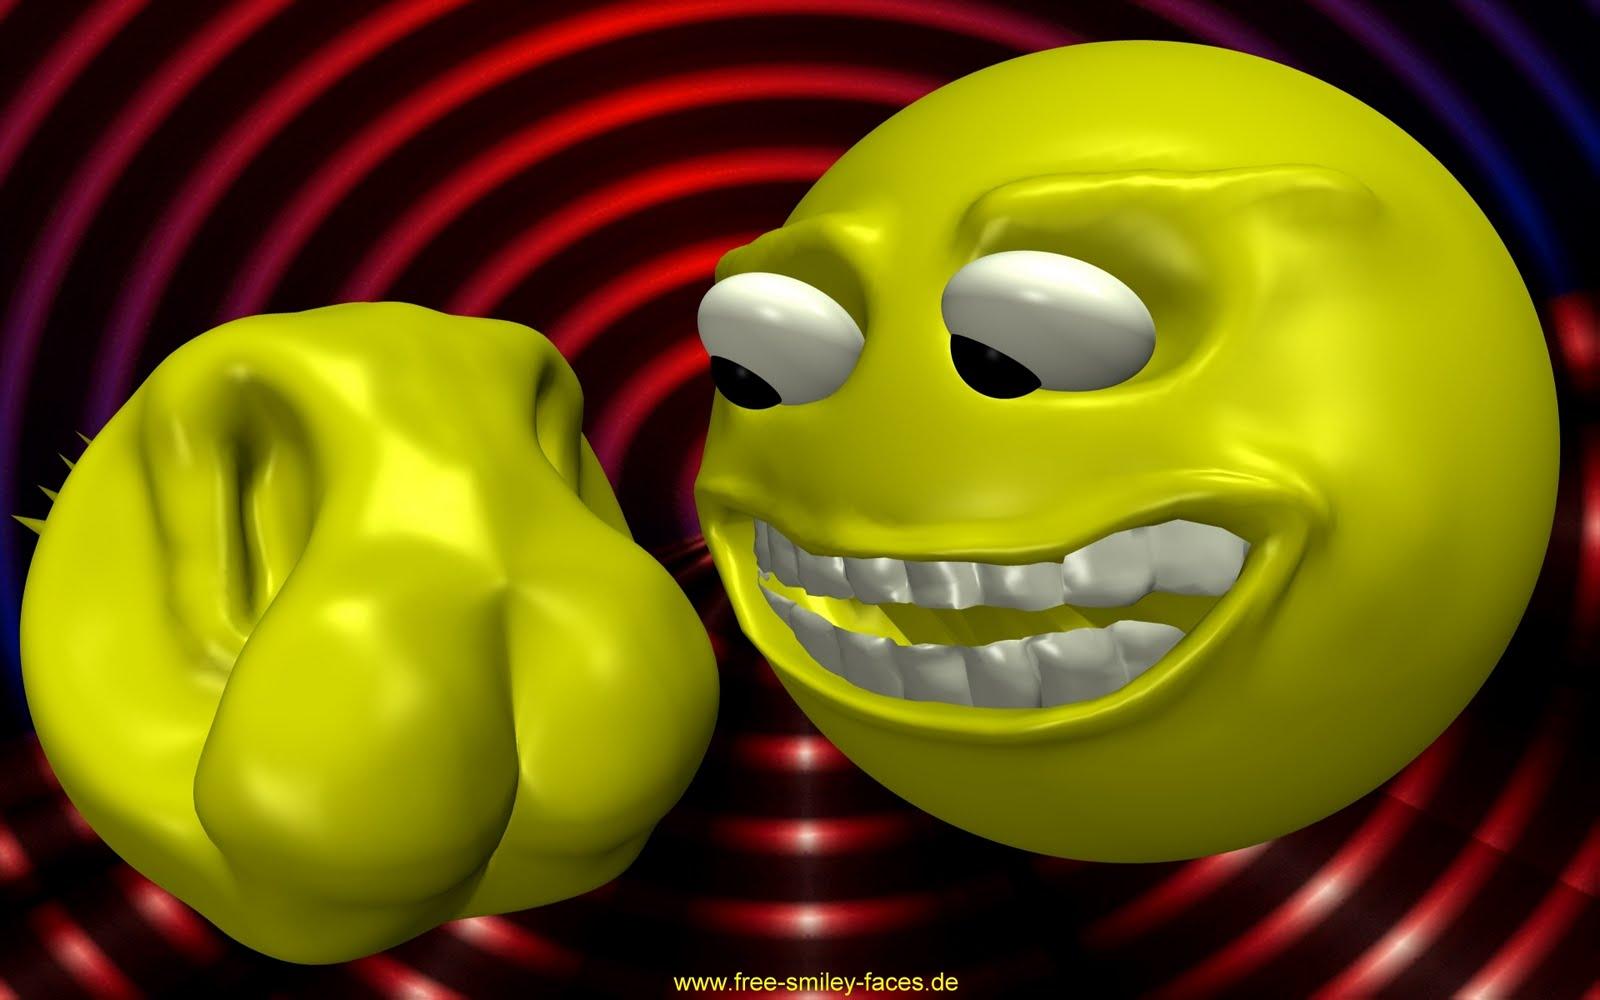 free 3d emoticons smileys free hd desktop wallpapers. Black Bedroom Furniture Sets. Home Design Ideas